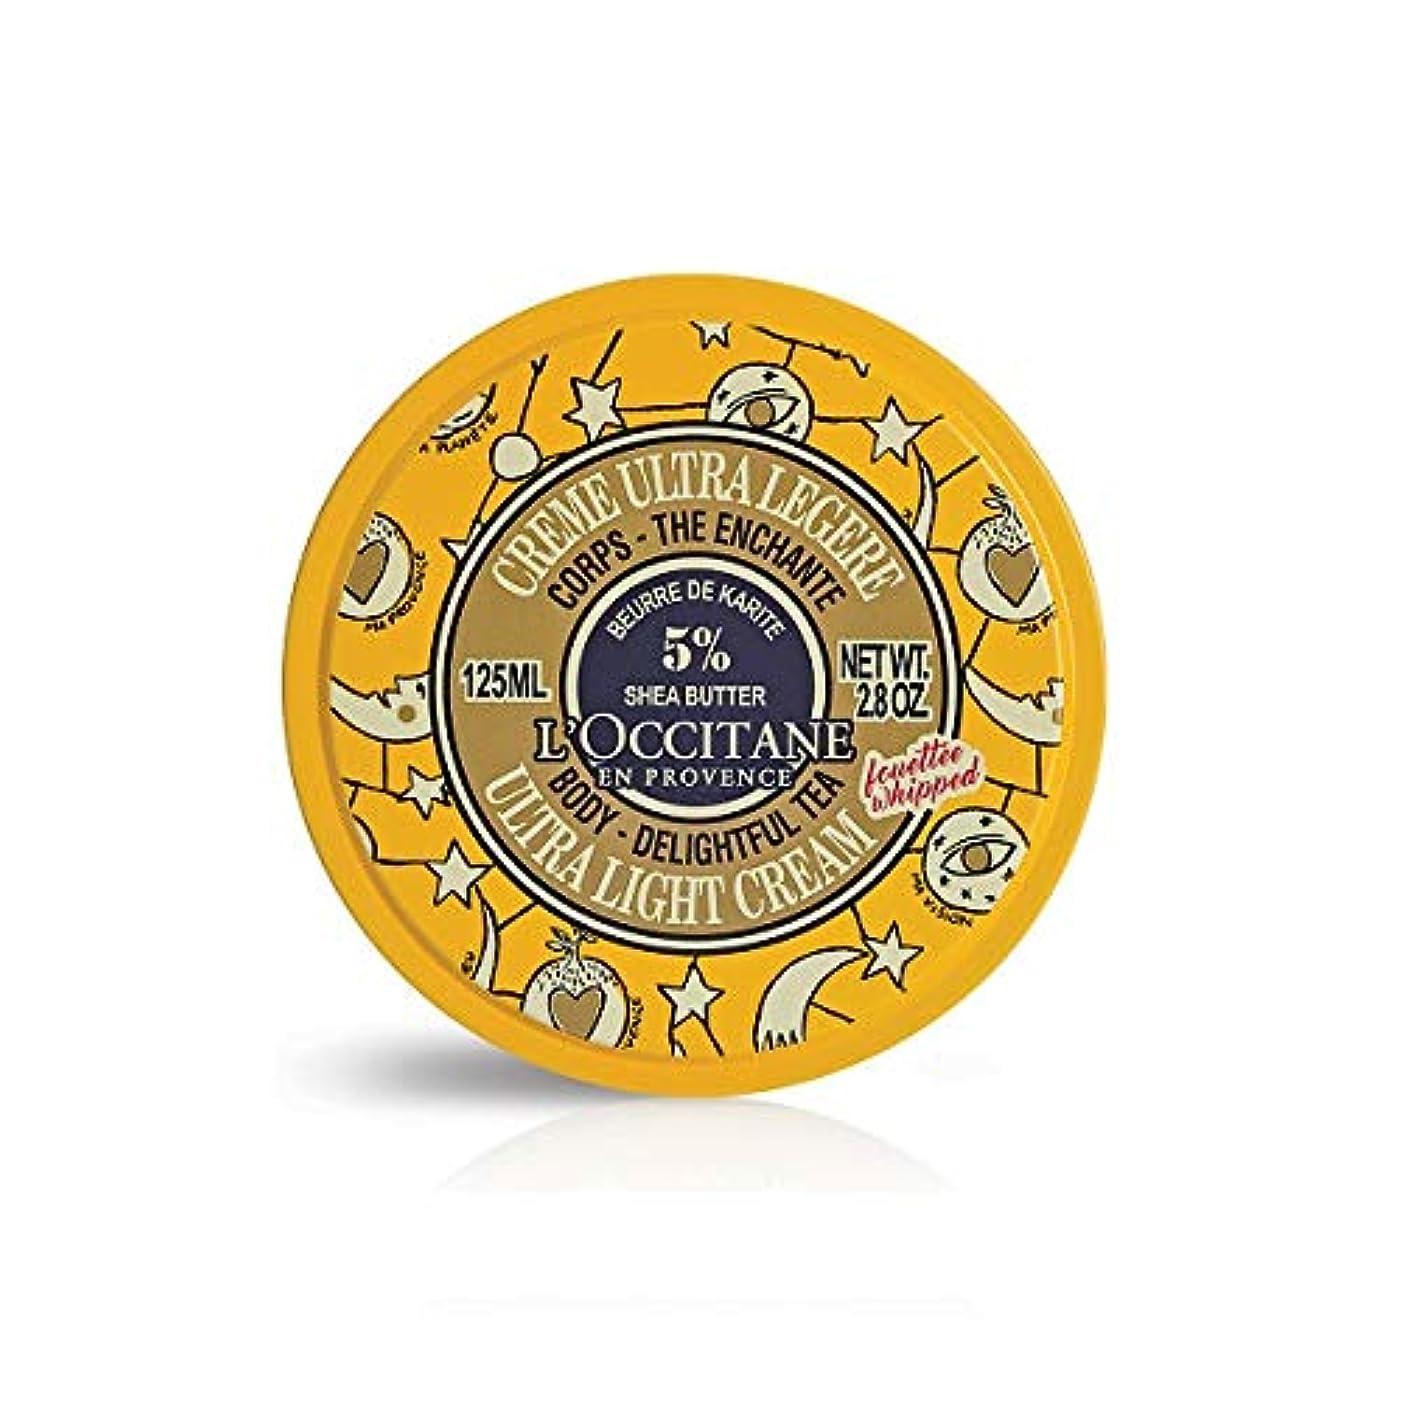 軽く巻き取りベテランロクシタン(L'OCCITANE) ジョイフルスター スノーシア ボディクリーム(ディライトフルティー) 125ml